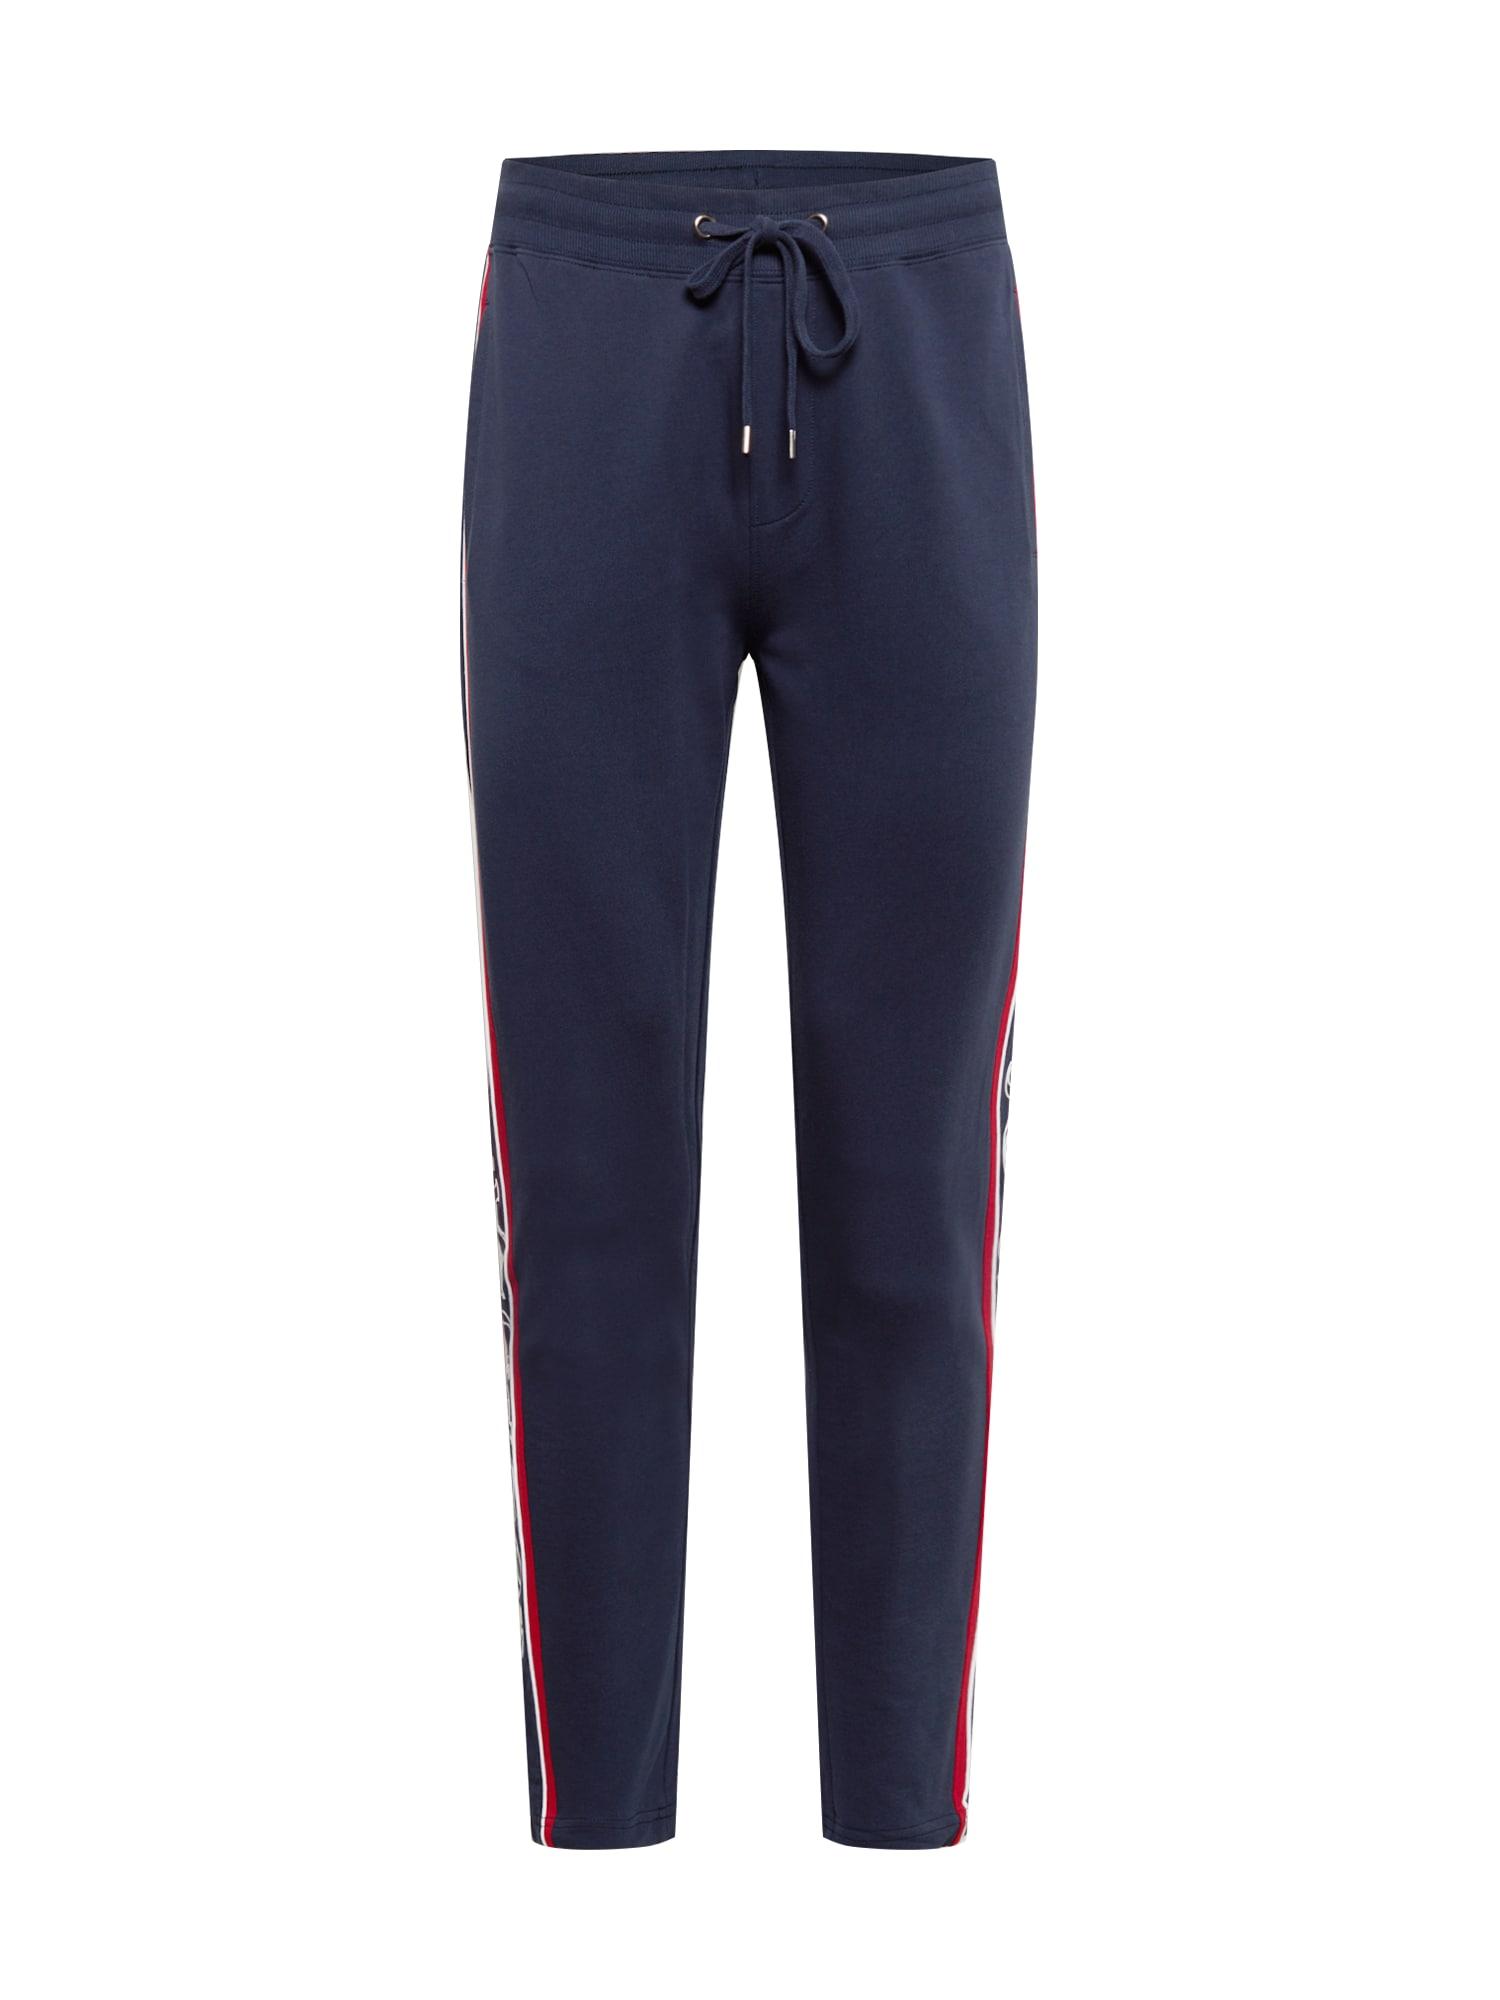 JOOP! Jeans Kelnės tamsiai mėlyna / balta / raudona